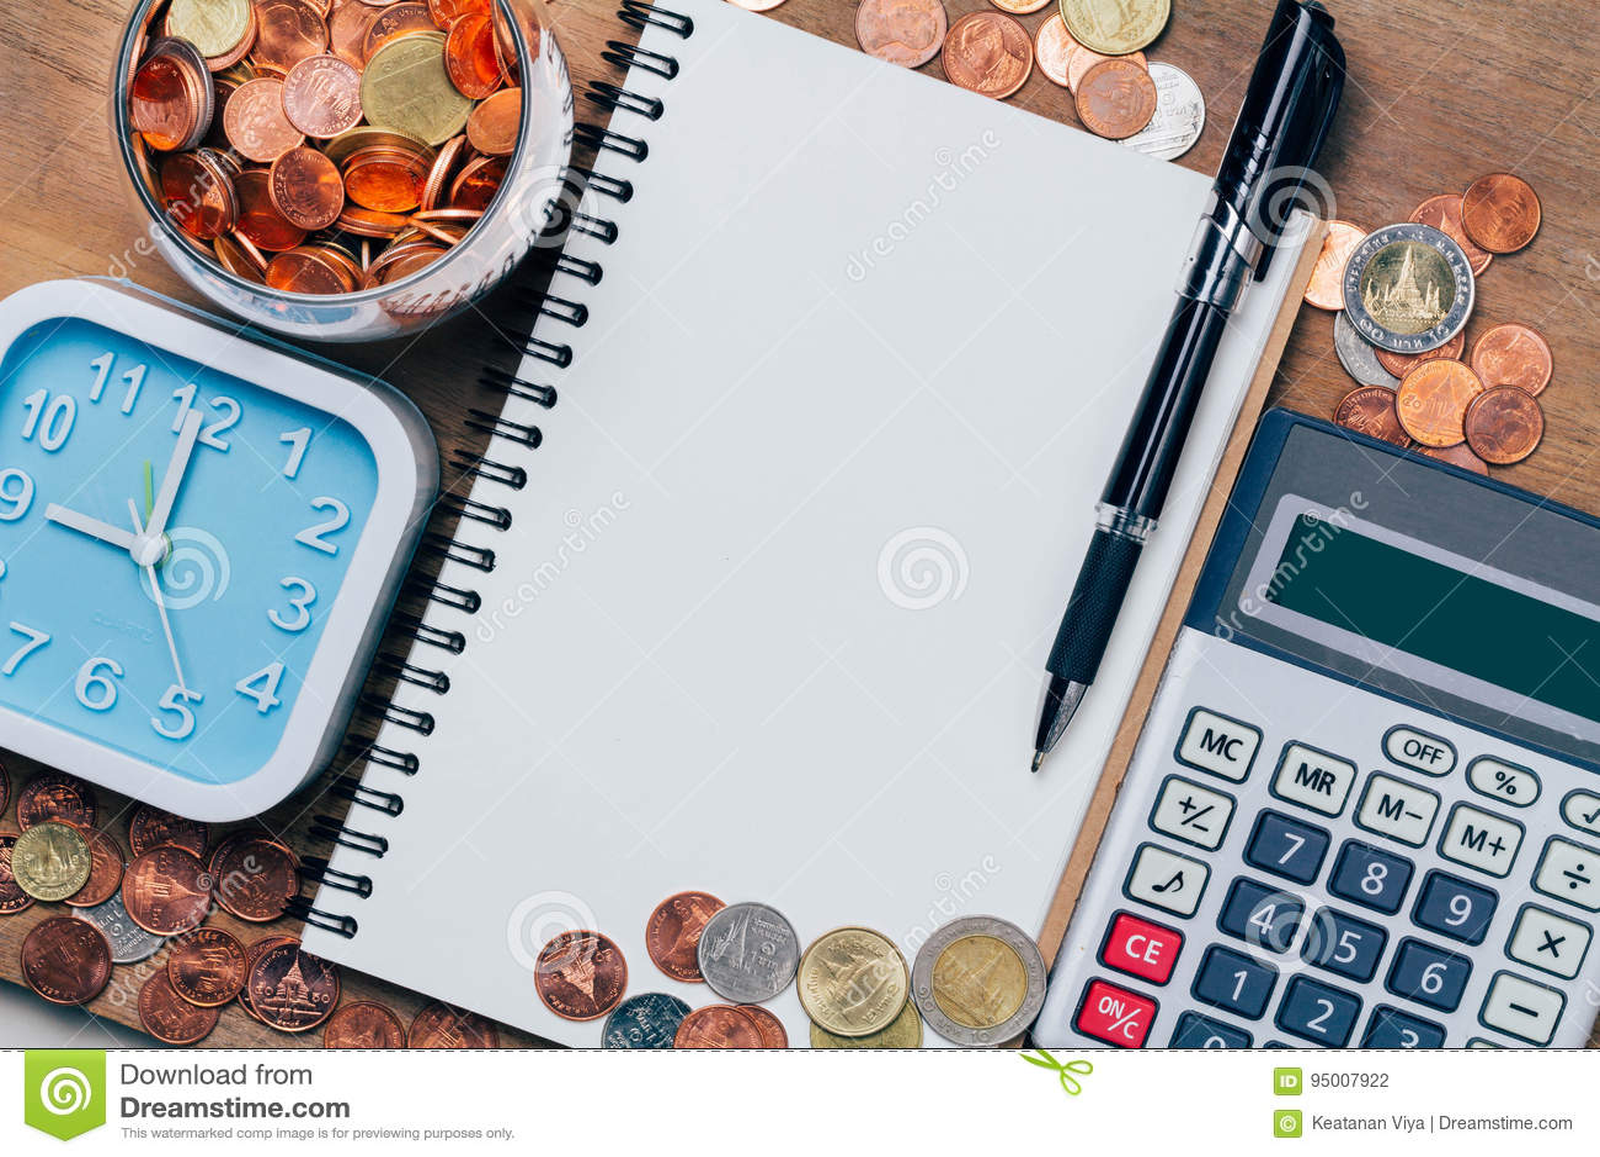 Тайский бат чеканит деньги, финансовый план